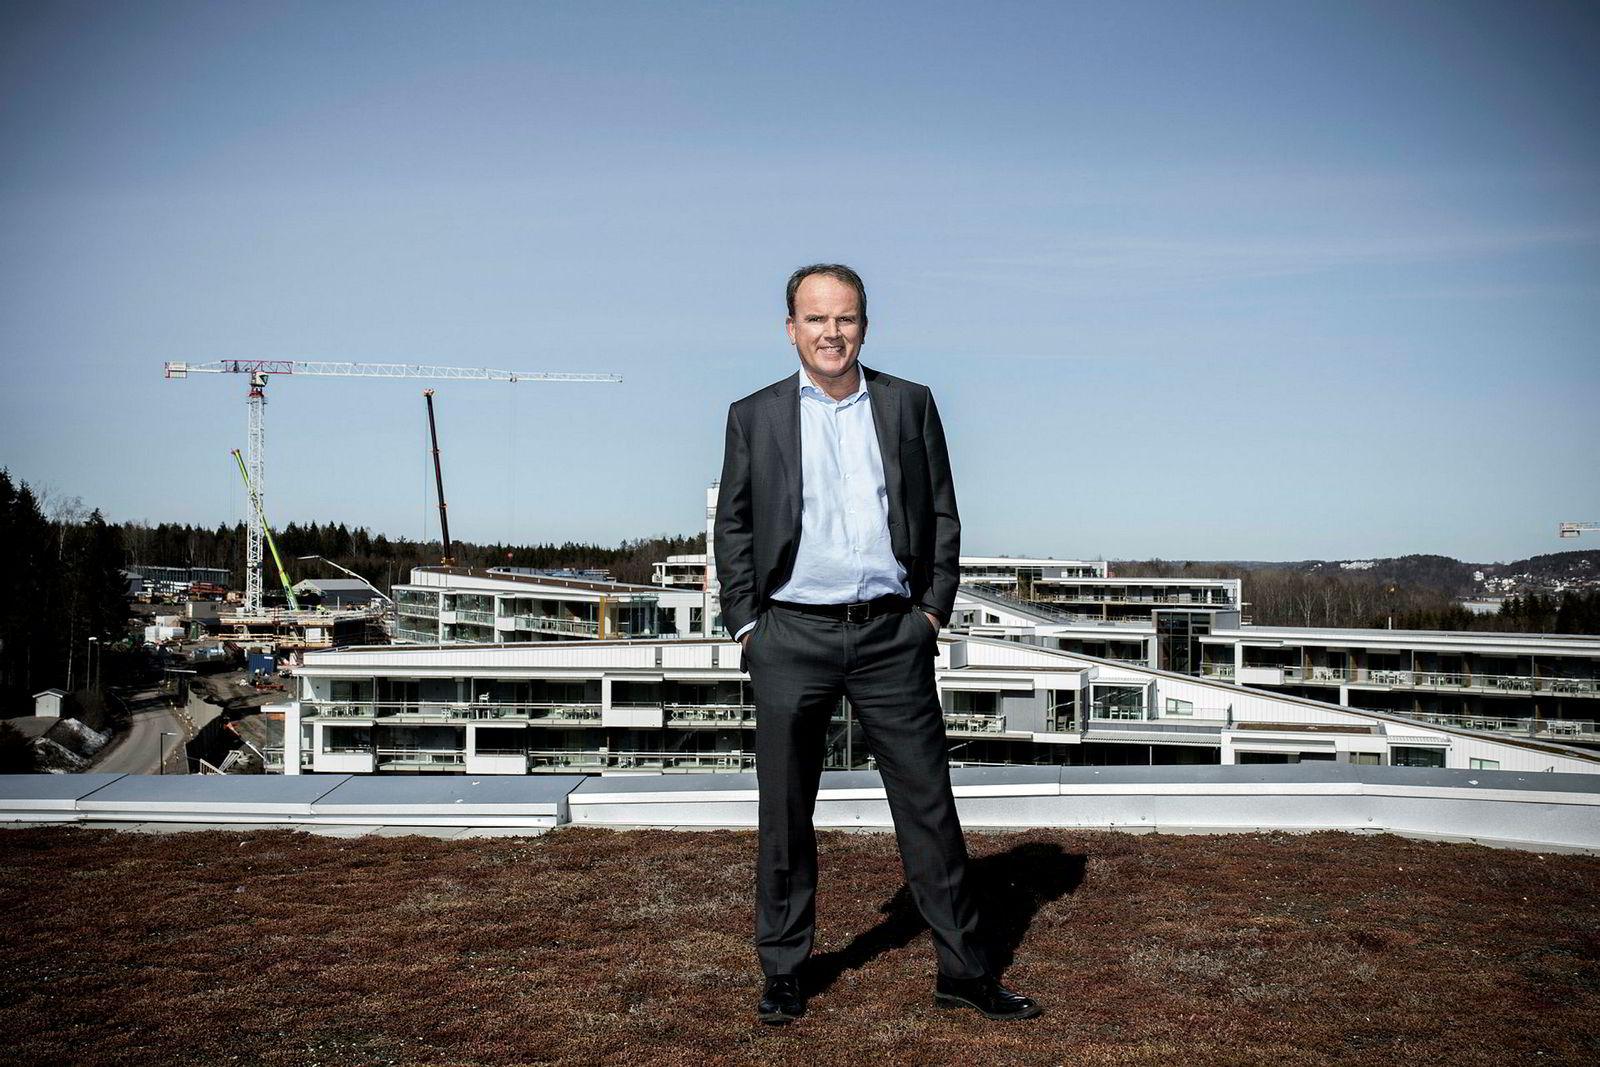 Roar Ingdal, styreleder ved det gigantiske Oslofjord Convention Center eiet av Brunstad-menigheten, anbefaler Filadelfia i Kristiansand å droppe alkoholforbudet.